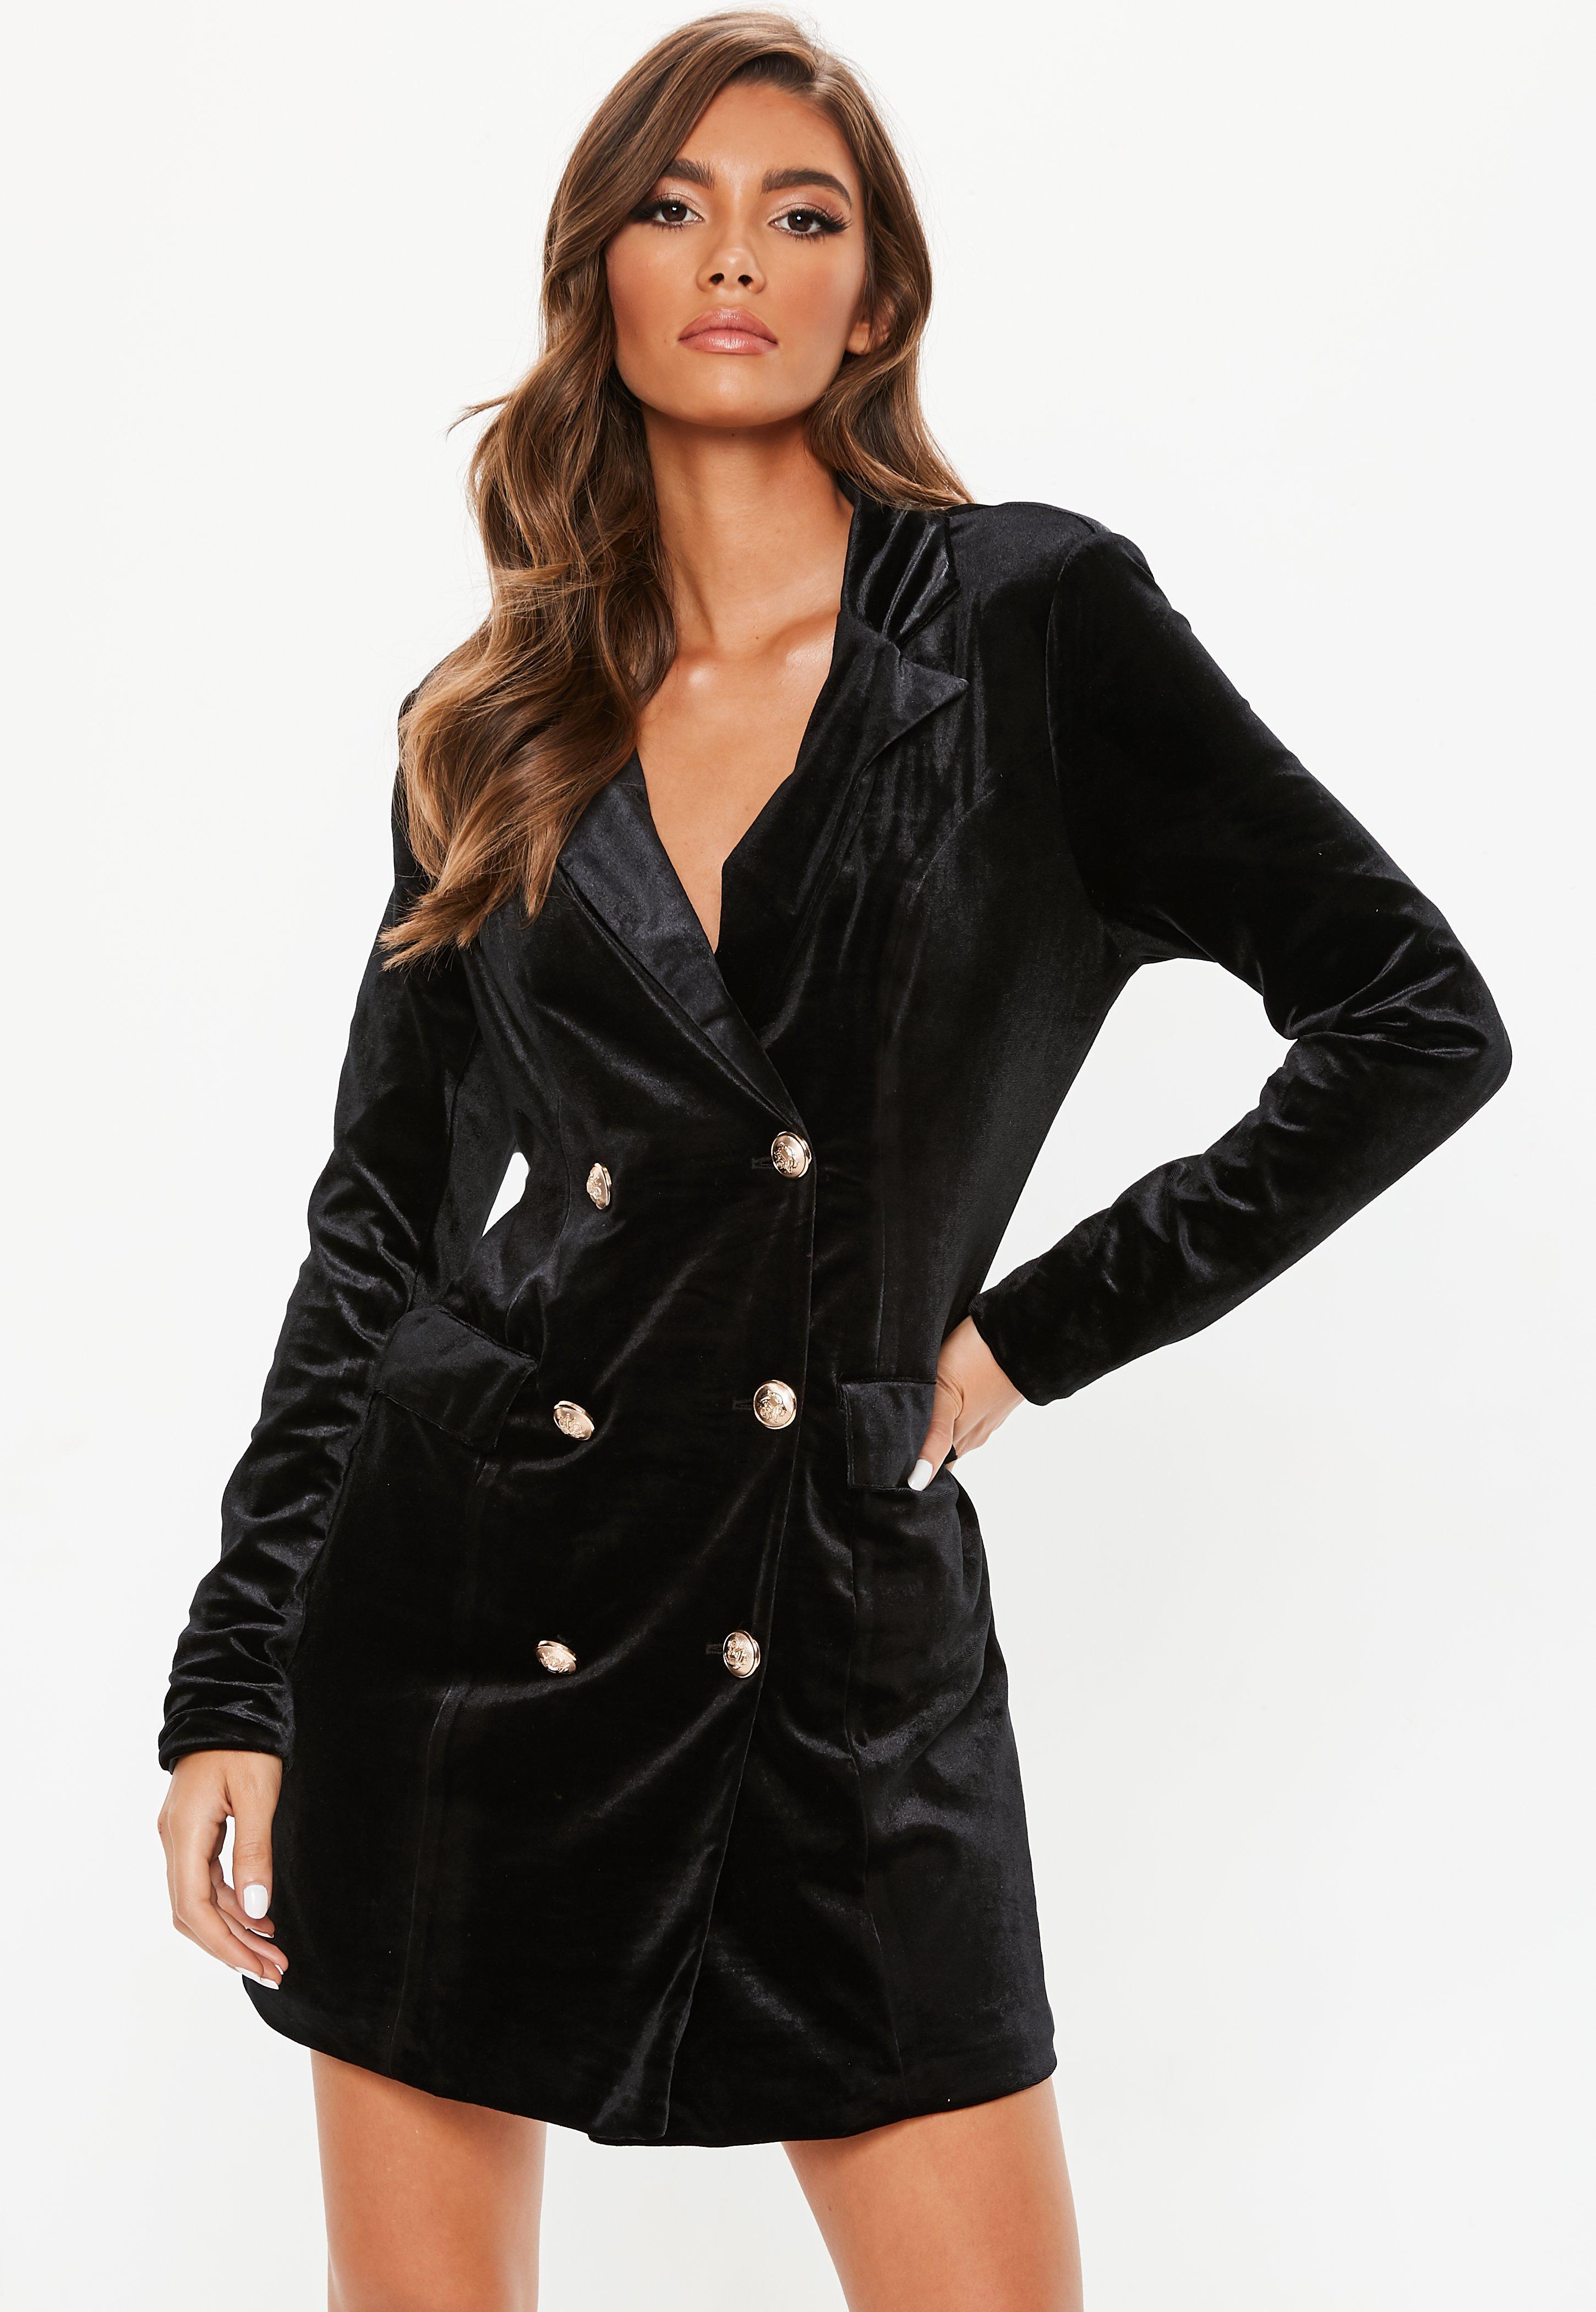 Femme Achat Réveillon Robe De Nouvel Missguided An qvXTn8gnw